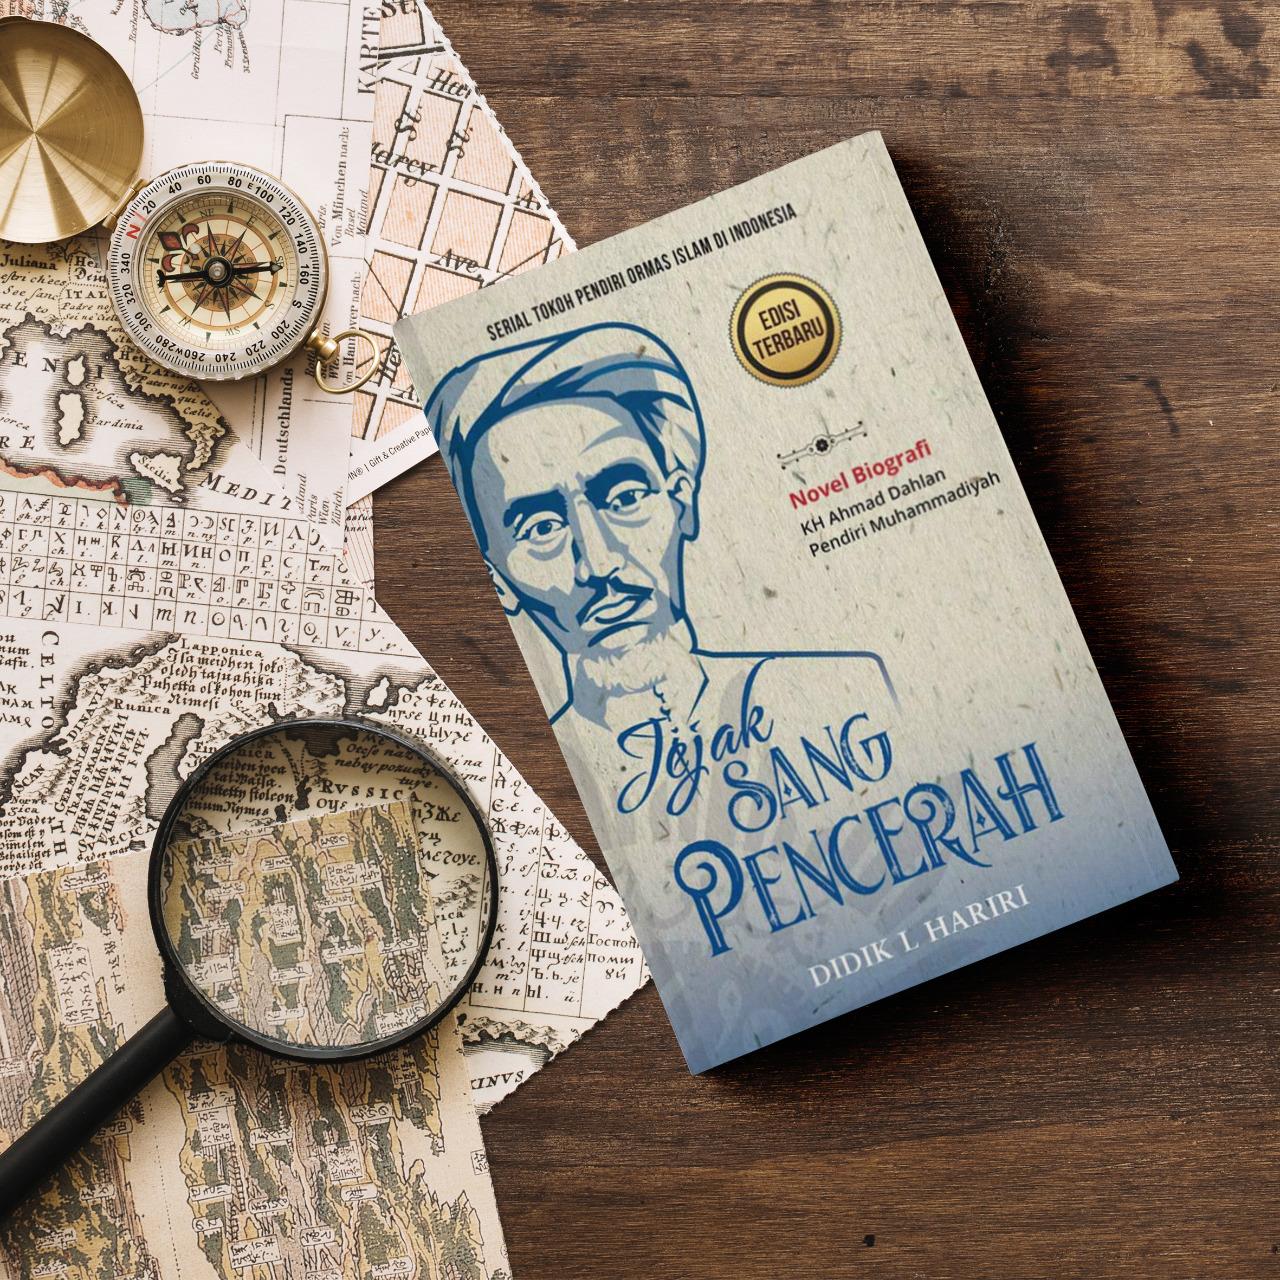 Resensi Novel Jejak Sang Pencerah (Perjuangan Ahmad Dahlan dalam Pembaharuan)